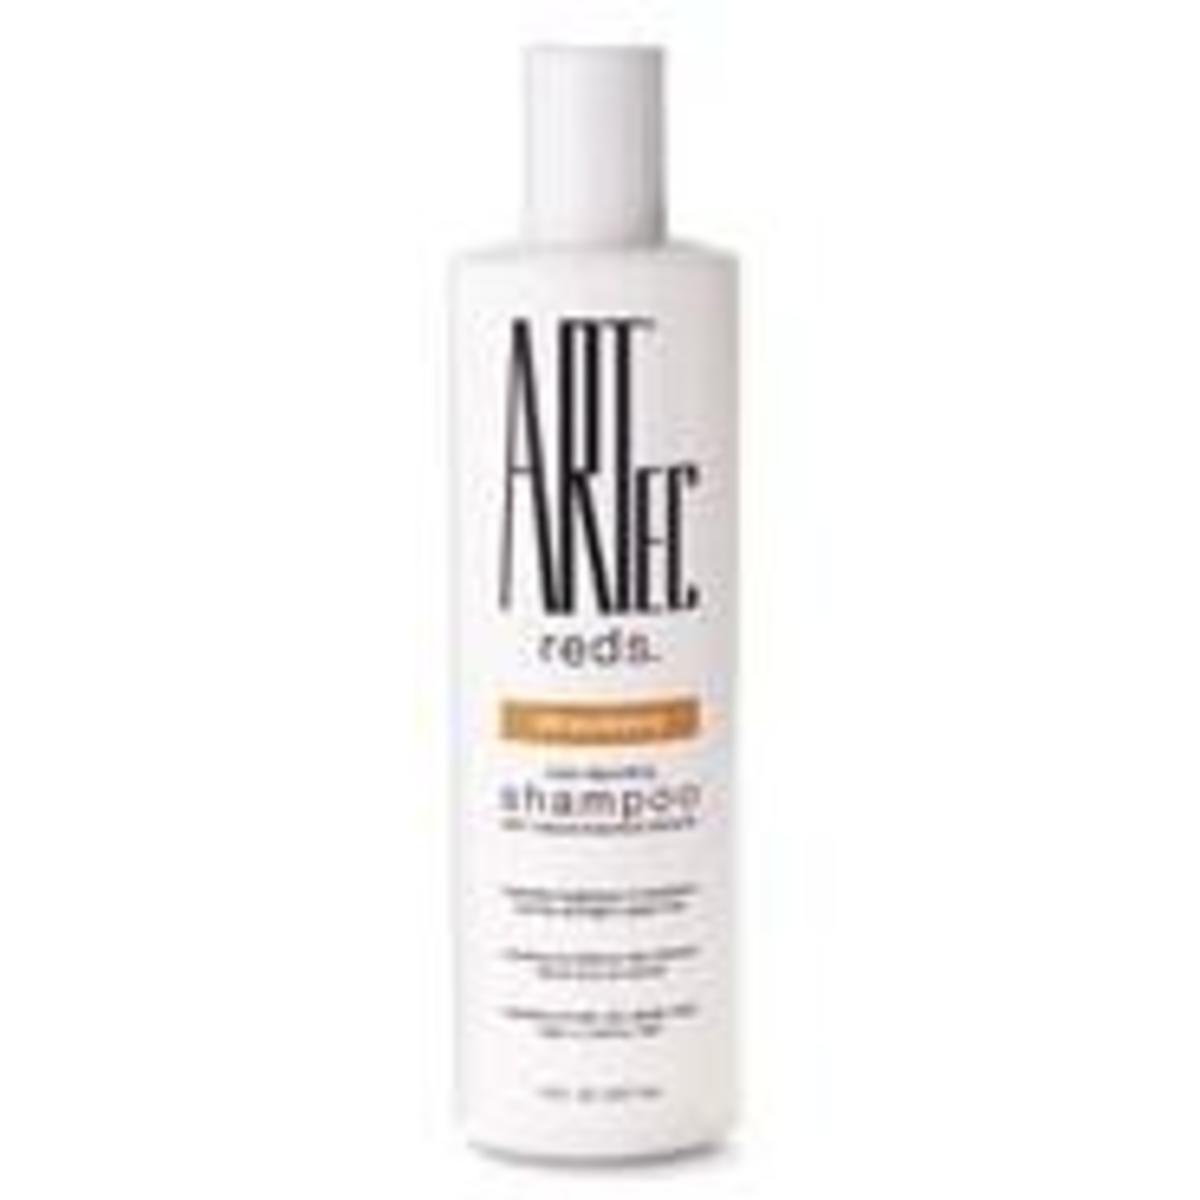 Artec-strawberry-shampoo